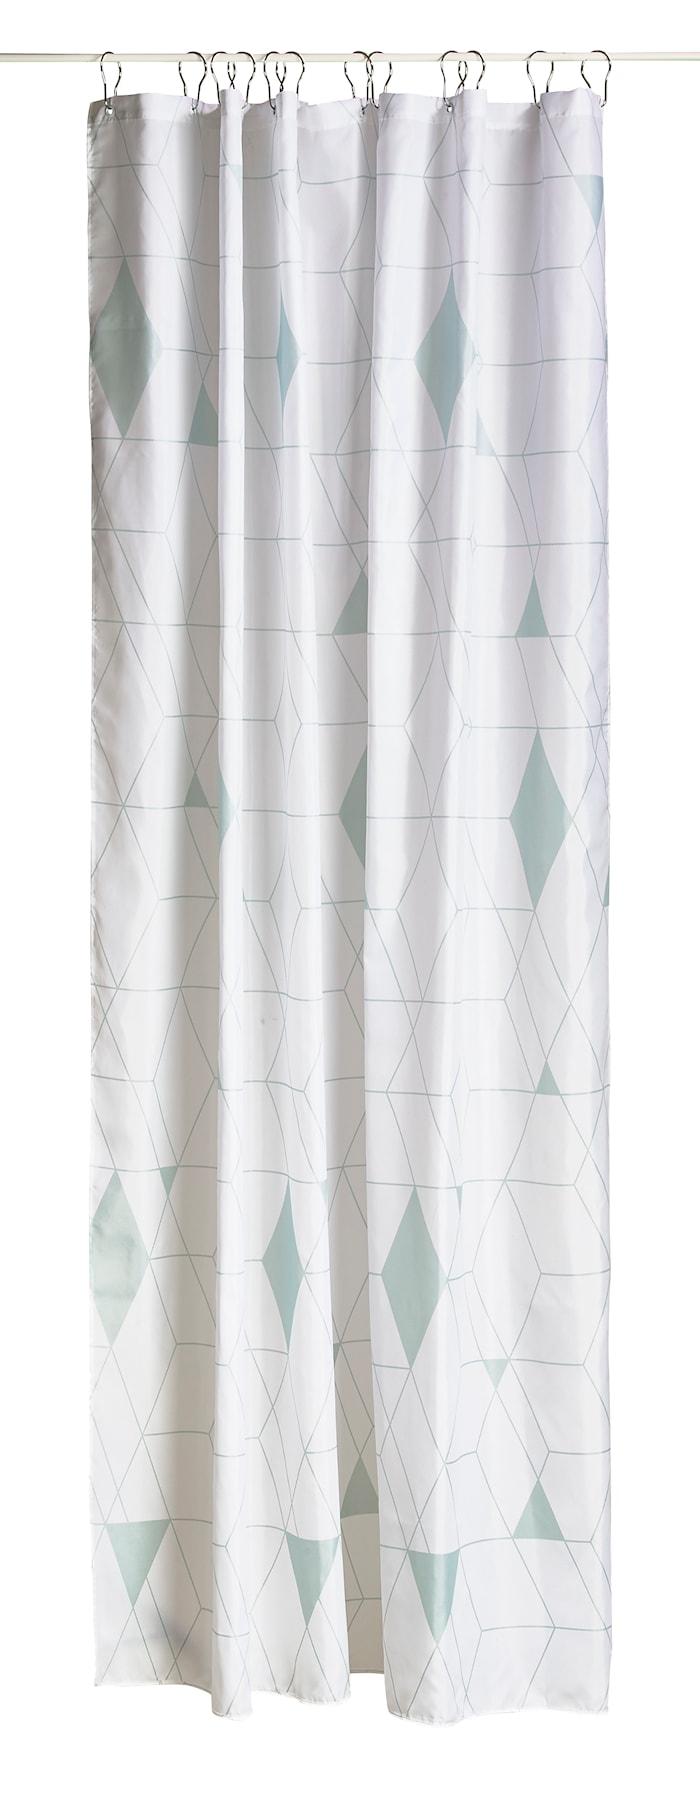 Dusjforheng - Dust Gråen - Stk. - Harlequin - Polyester - 80 g - L 200,0cm - B 180,0cm- Hvit